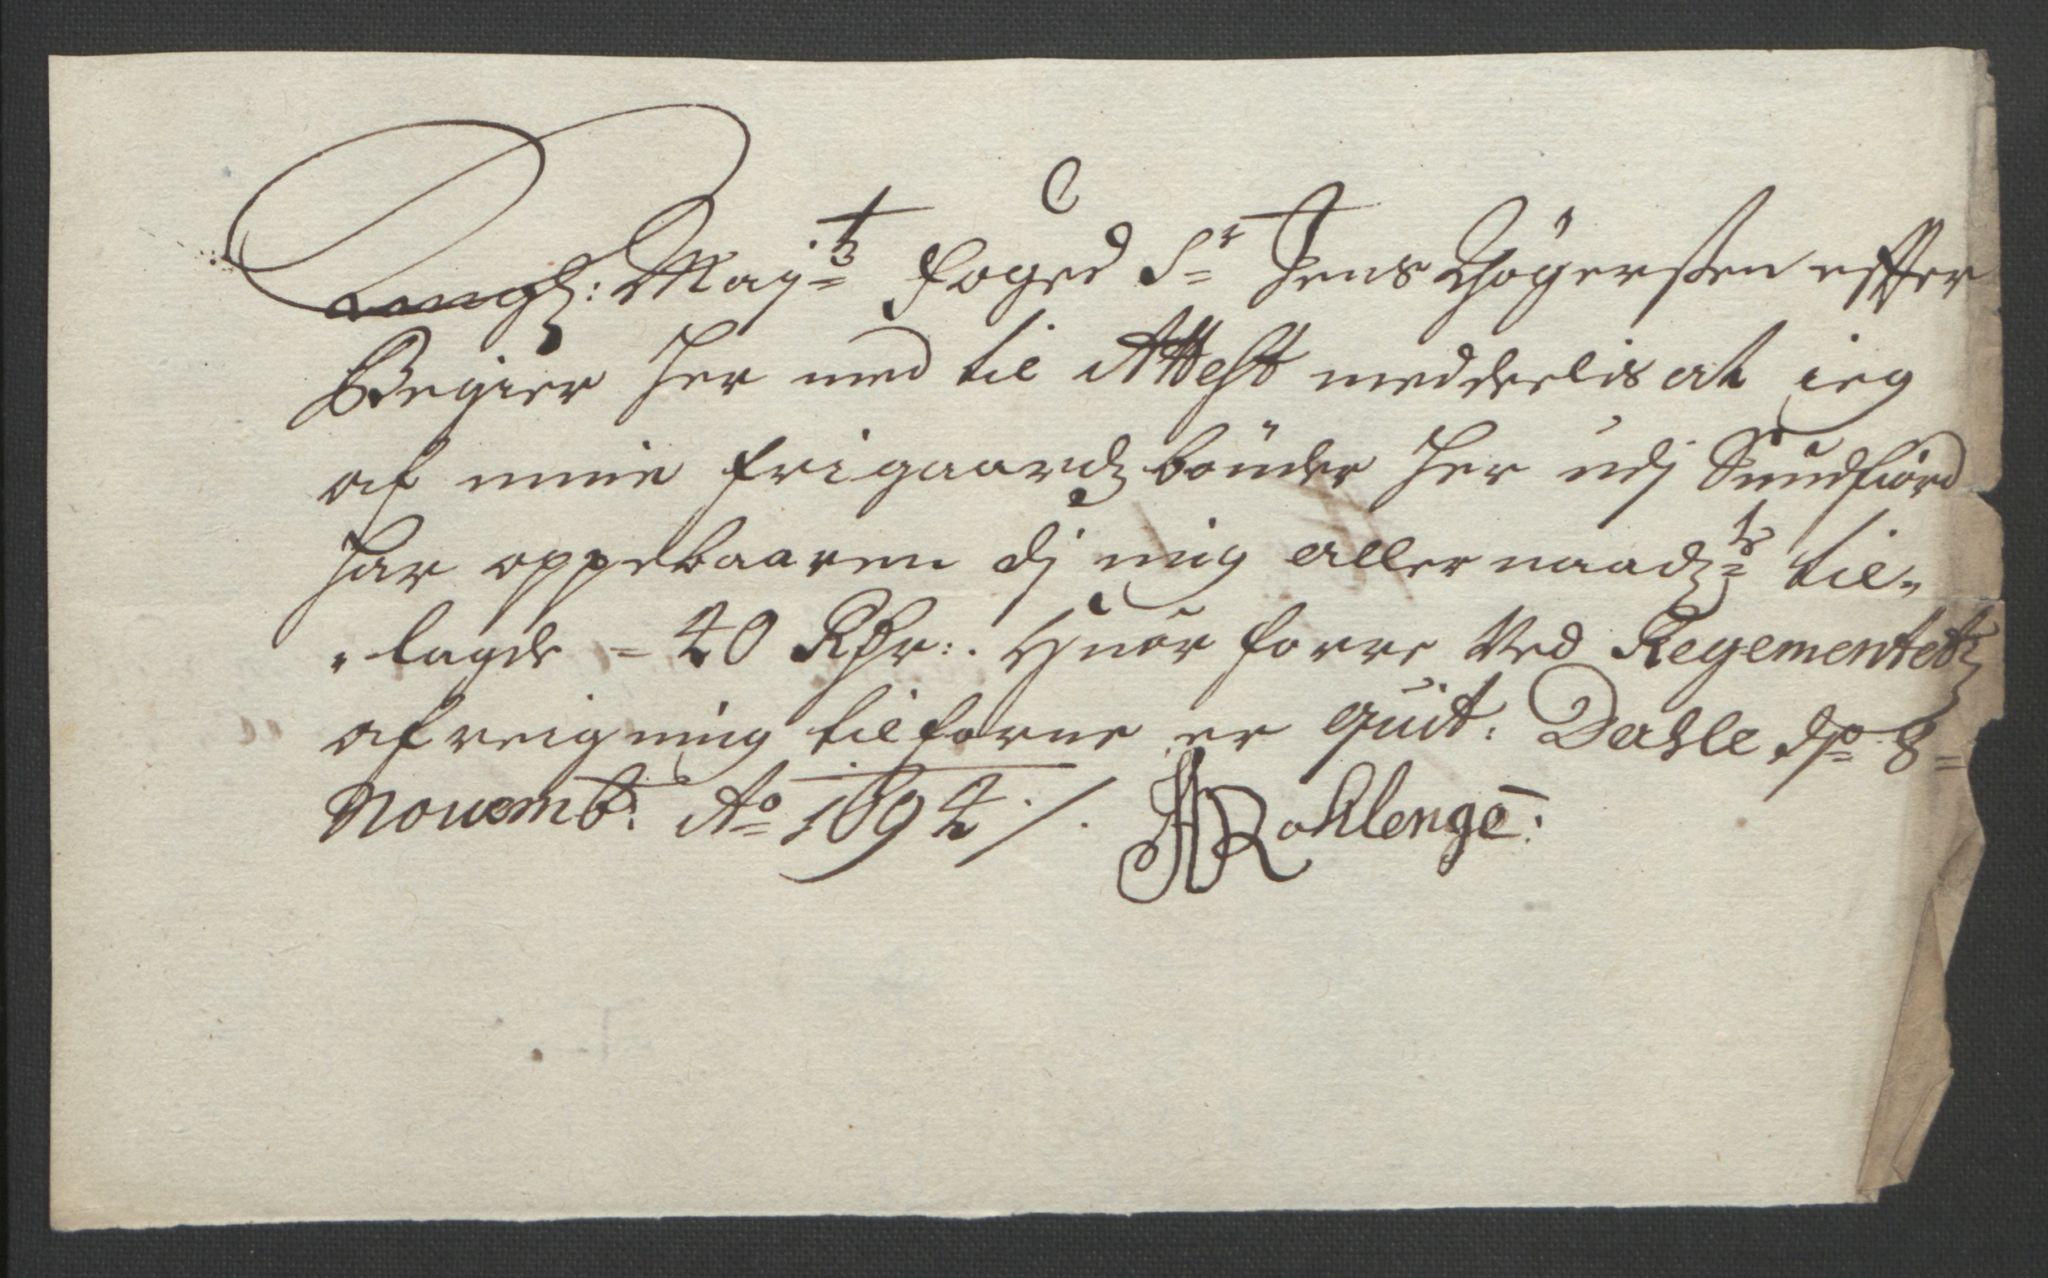 RA, Rentekammeret inntil 1814, Reviderte regnskaper, Fogderegnskap, R53/L3421: Fogderegnskap Sunn- og Nordfjord, 1693-1694, s. 457